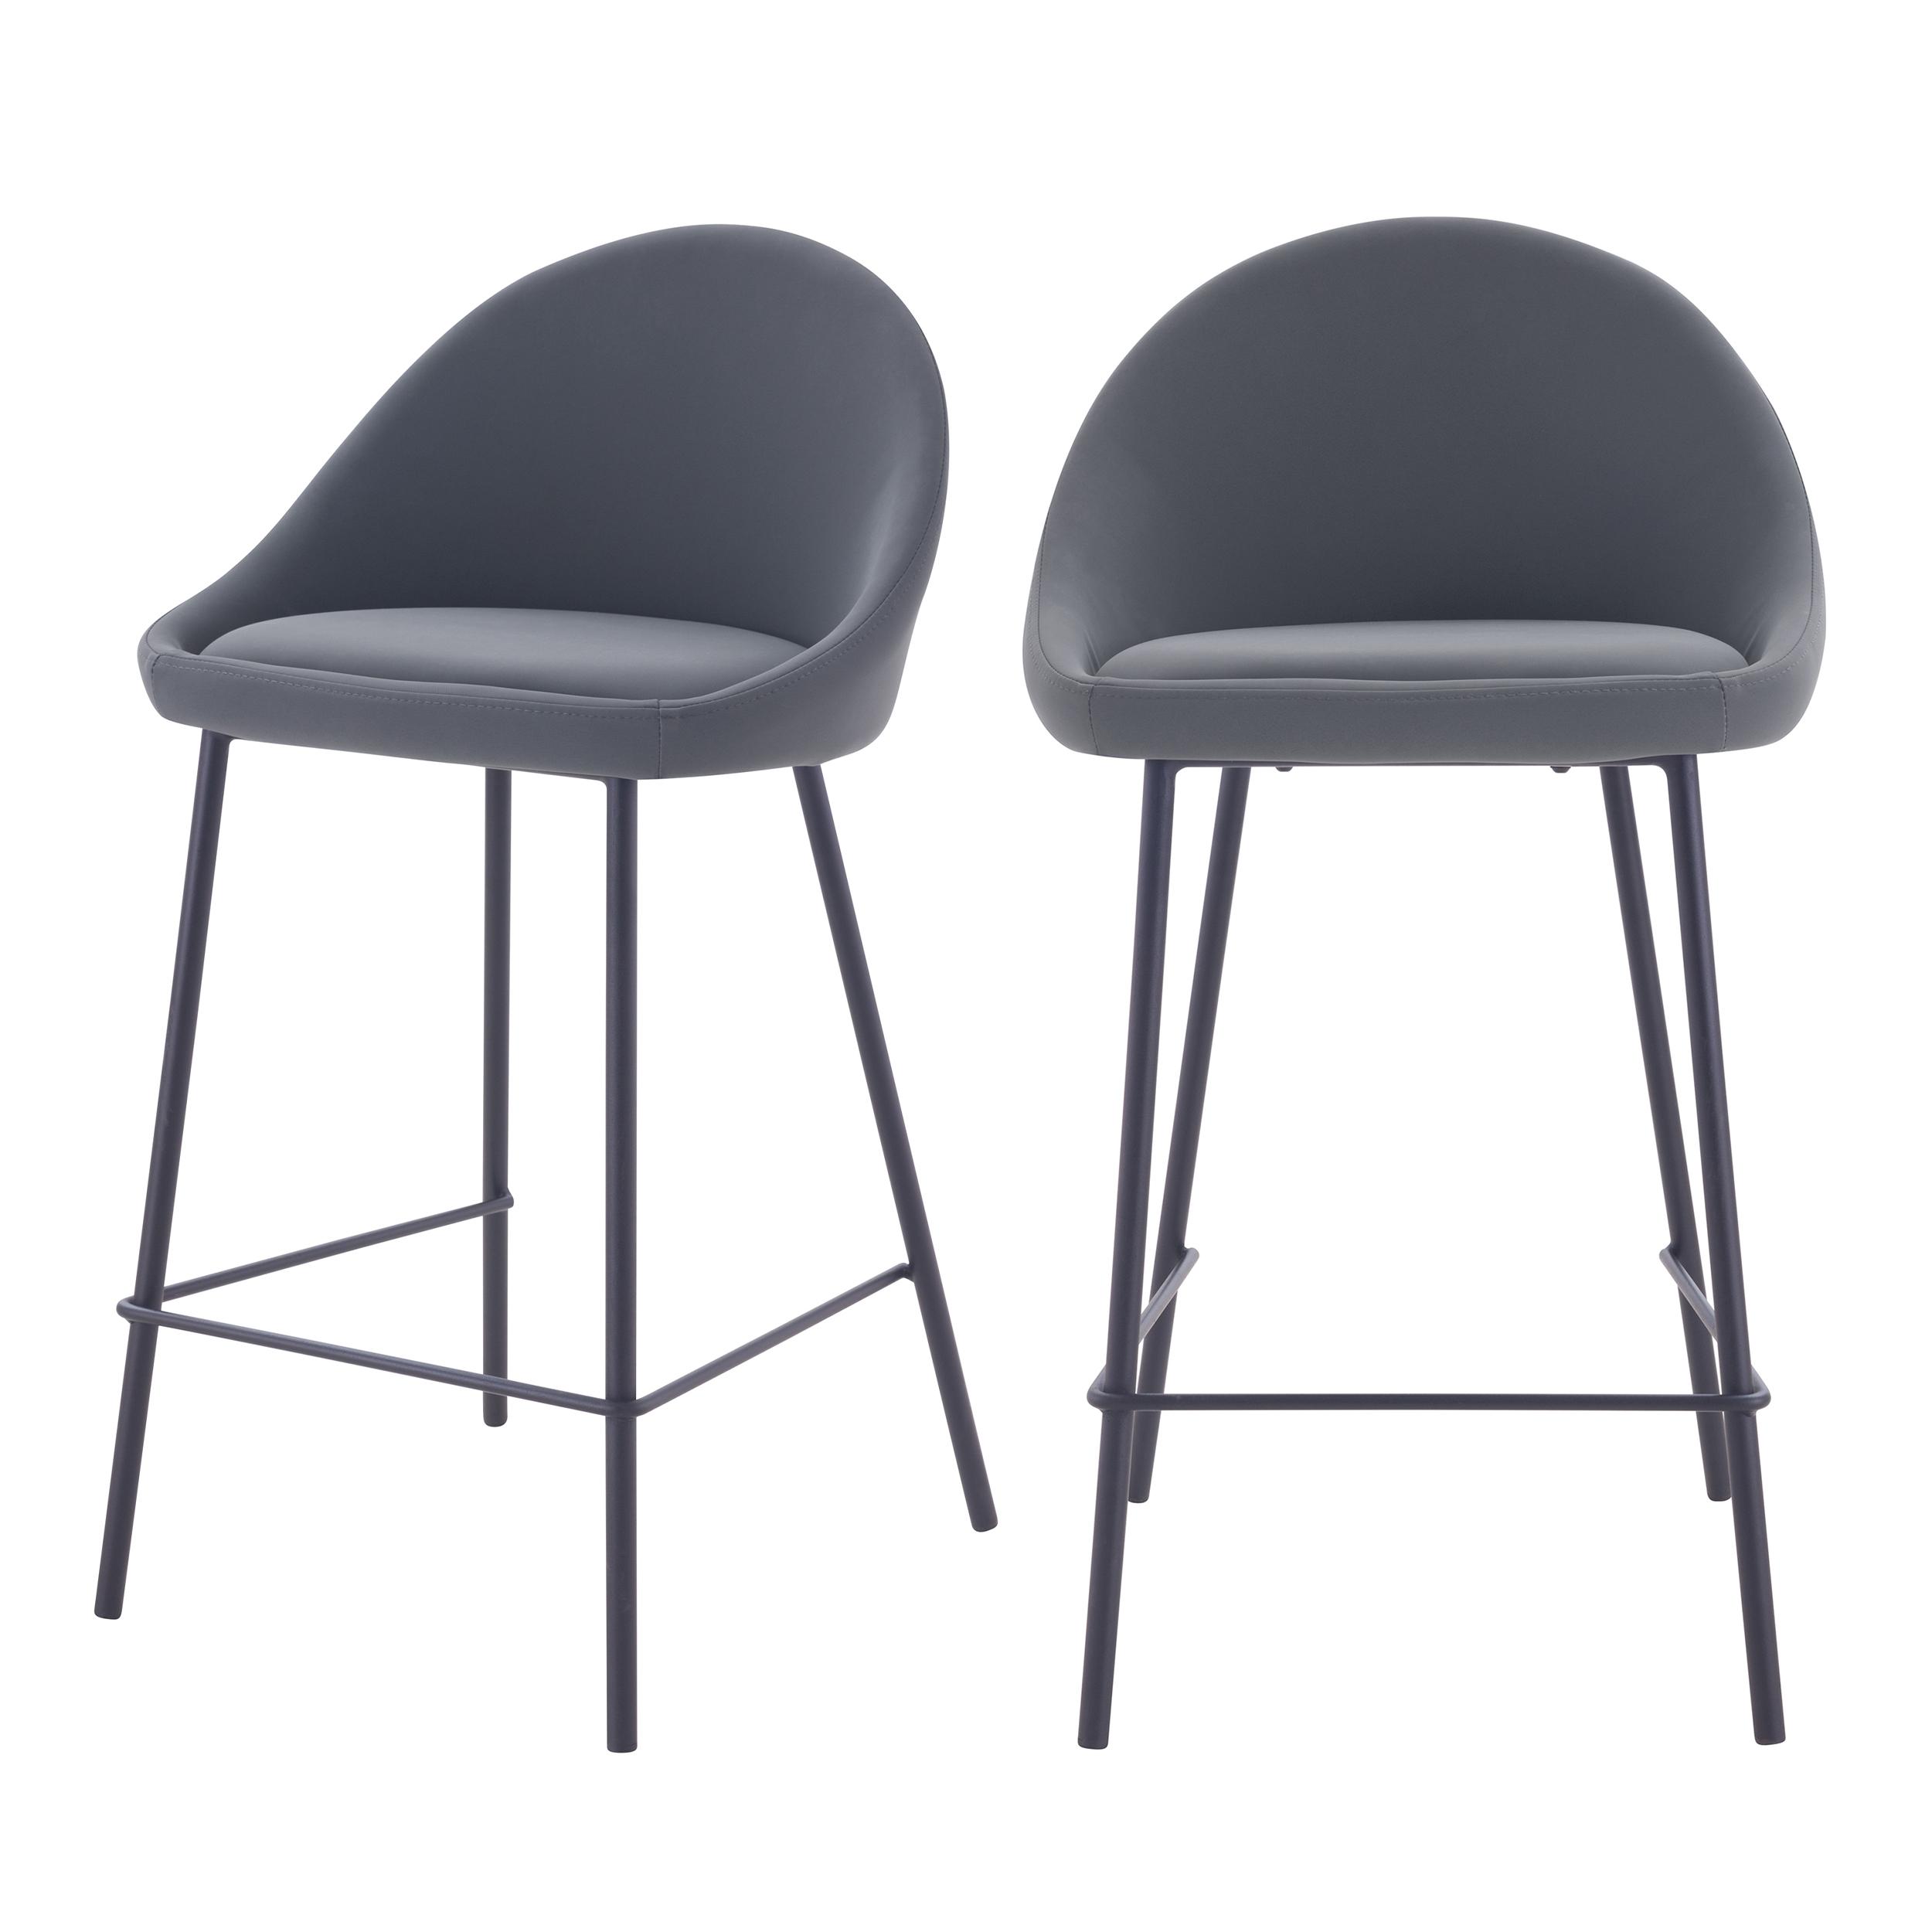 Chaise de bar mi-hauteur 65 cm en cuir synthétique gris (x2)